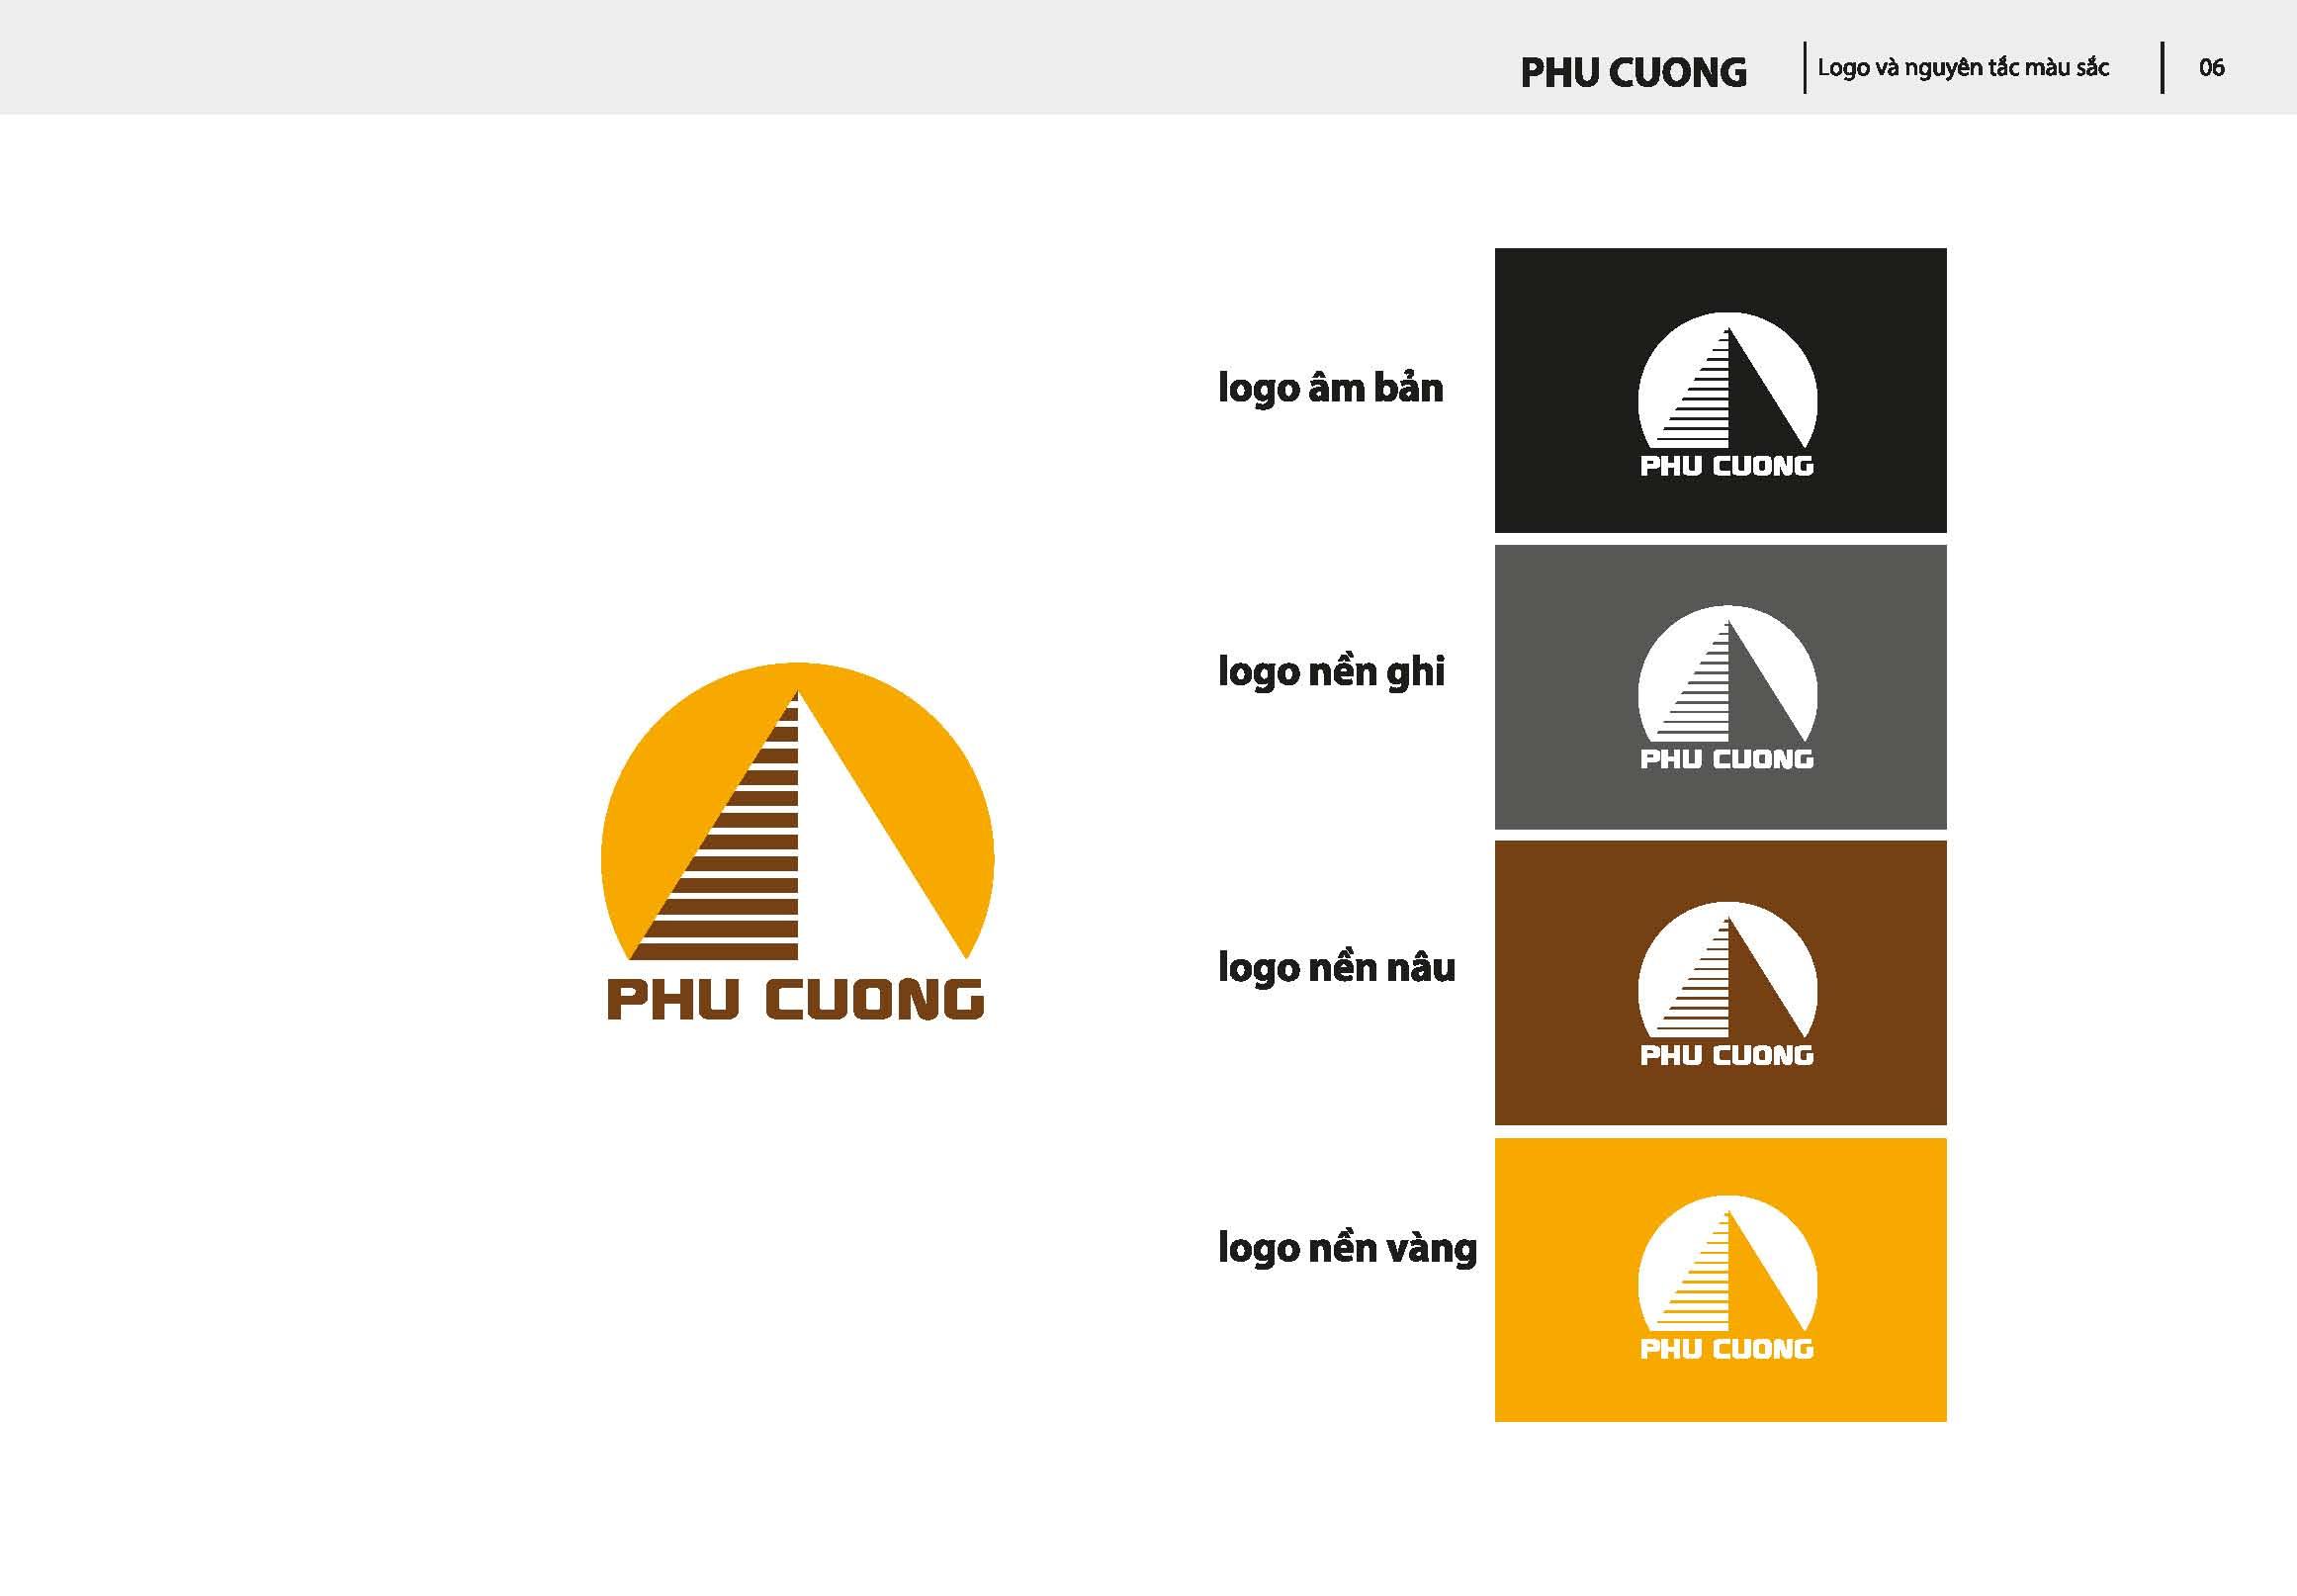 nhan dien thuong hieu Phu Cuong_Page_07